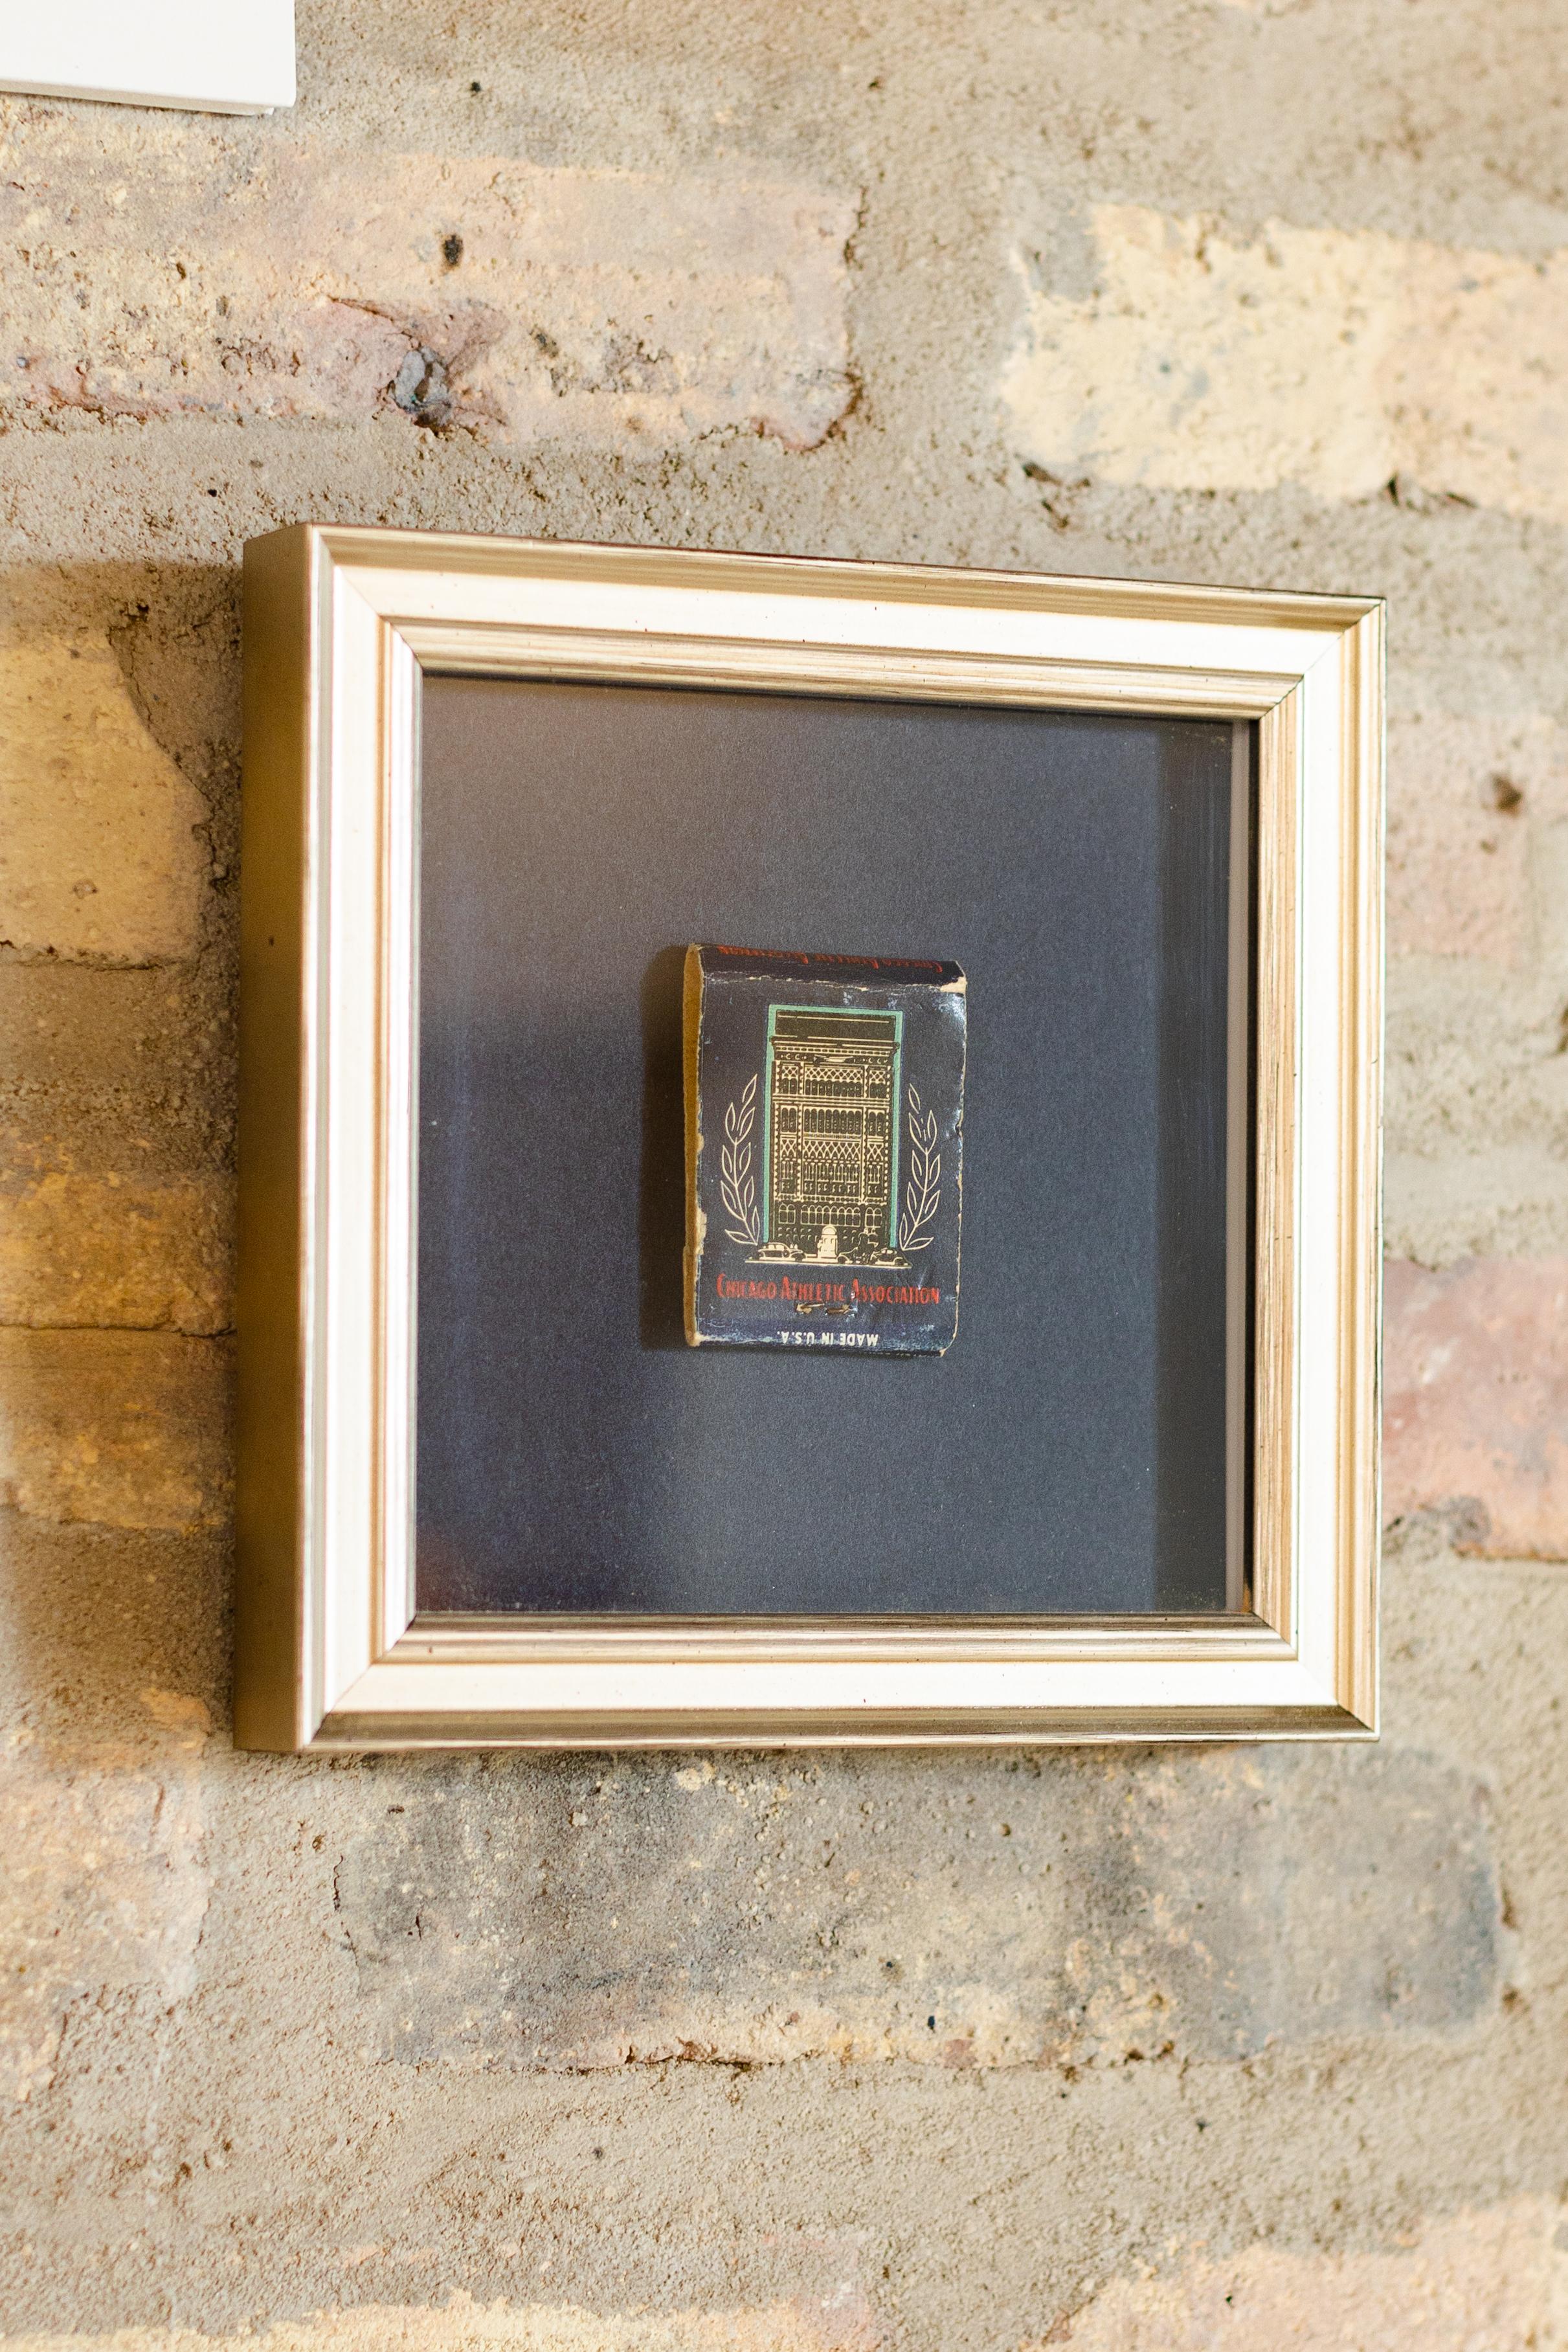 framed matchbook